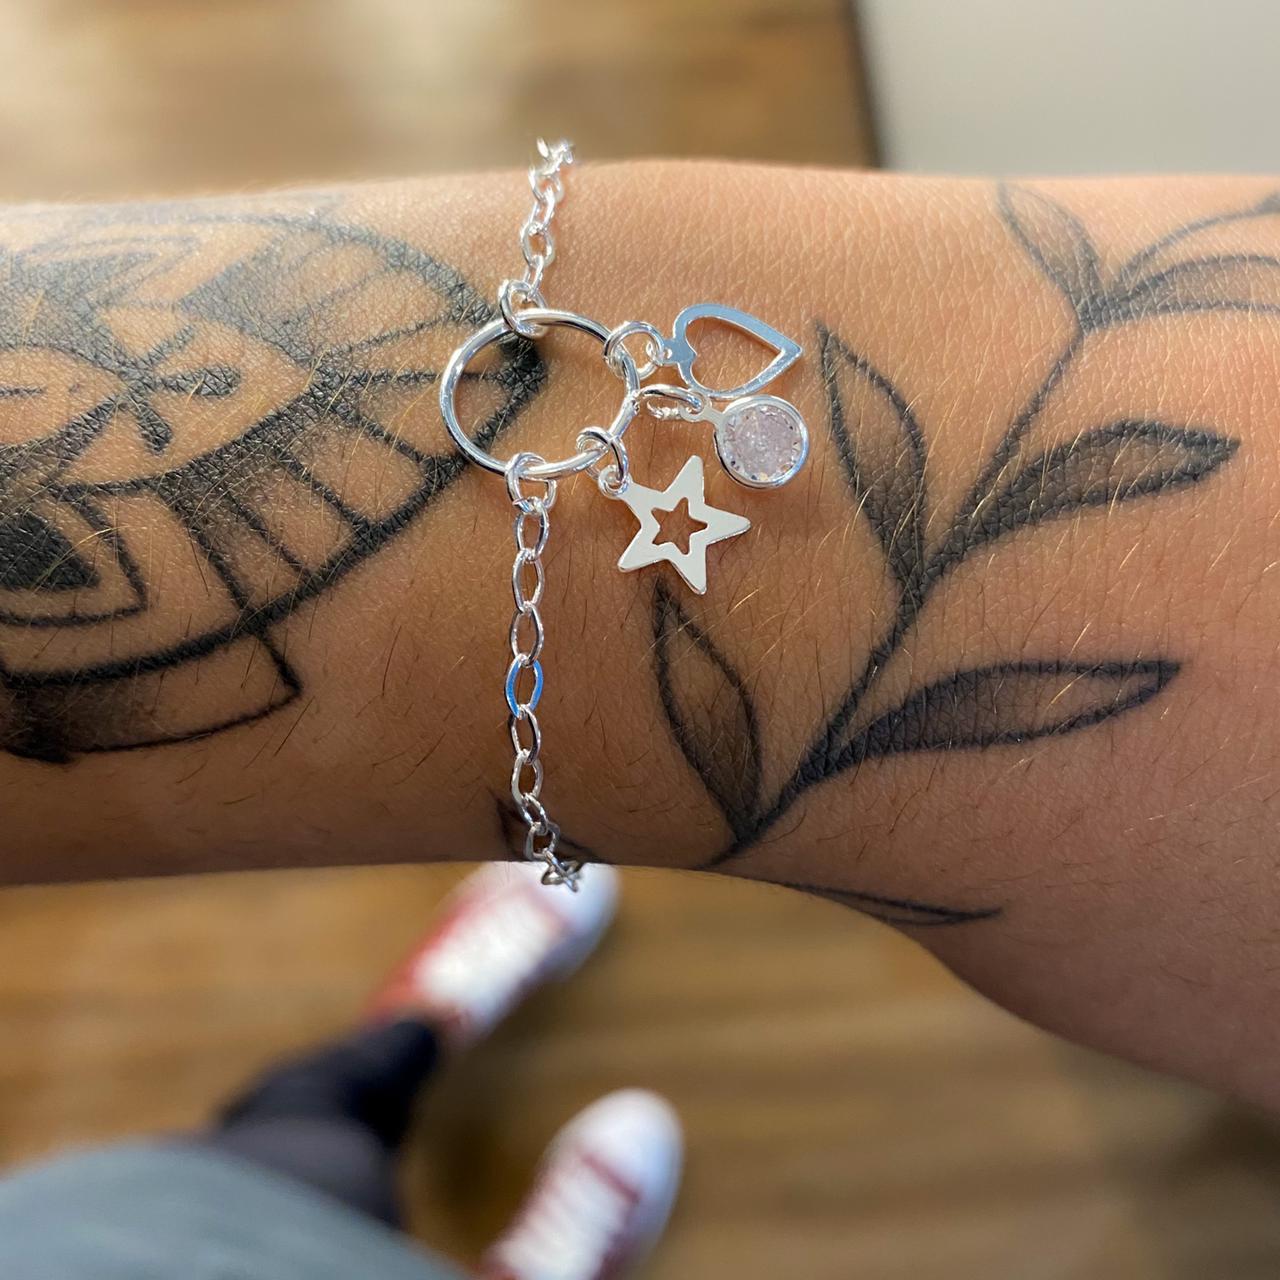 Pulseira de Prata Circulo com Estrela, Zircônia e Coração